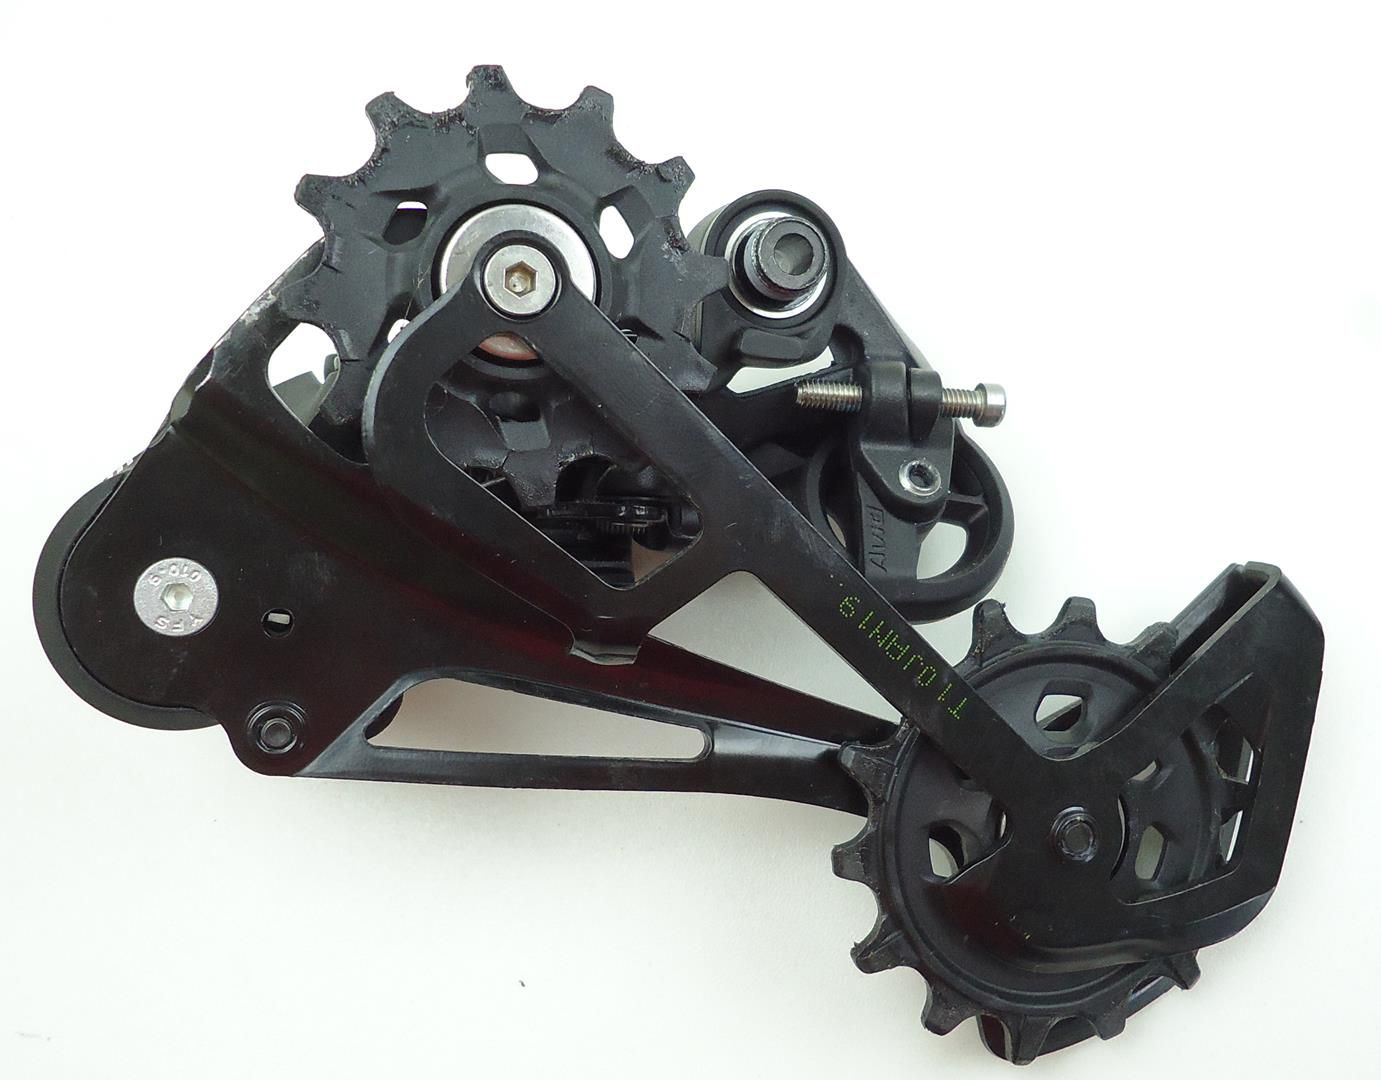 Câmbio Traseiro + Passador Bicicleta Sram NX Eagle 12v 12 velocidades Serve em XX1 SX GX